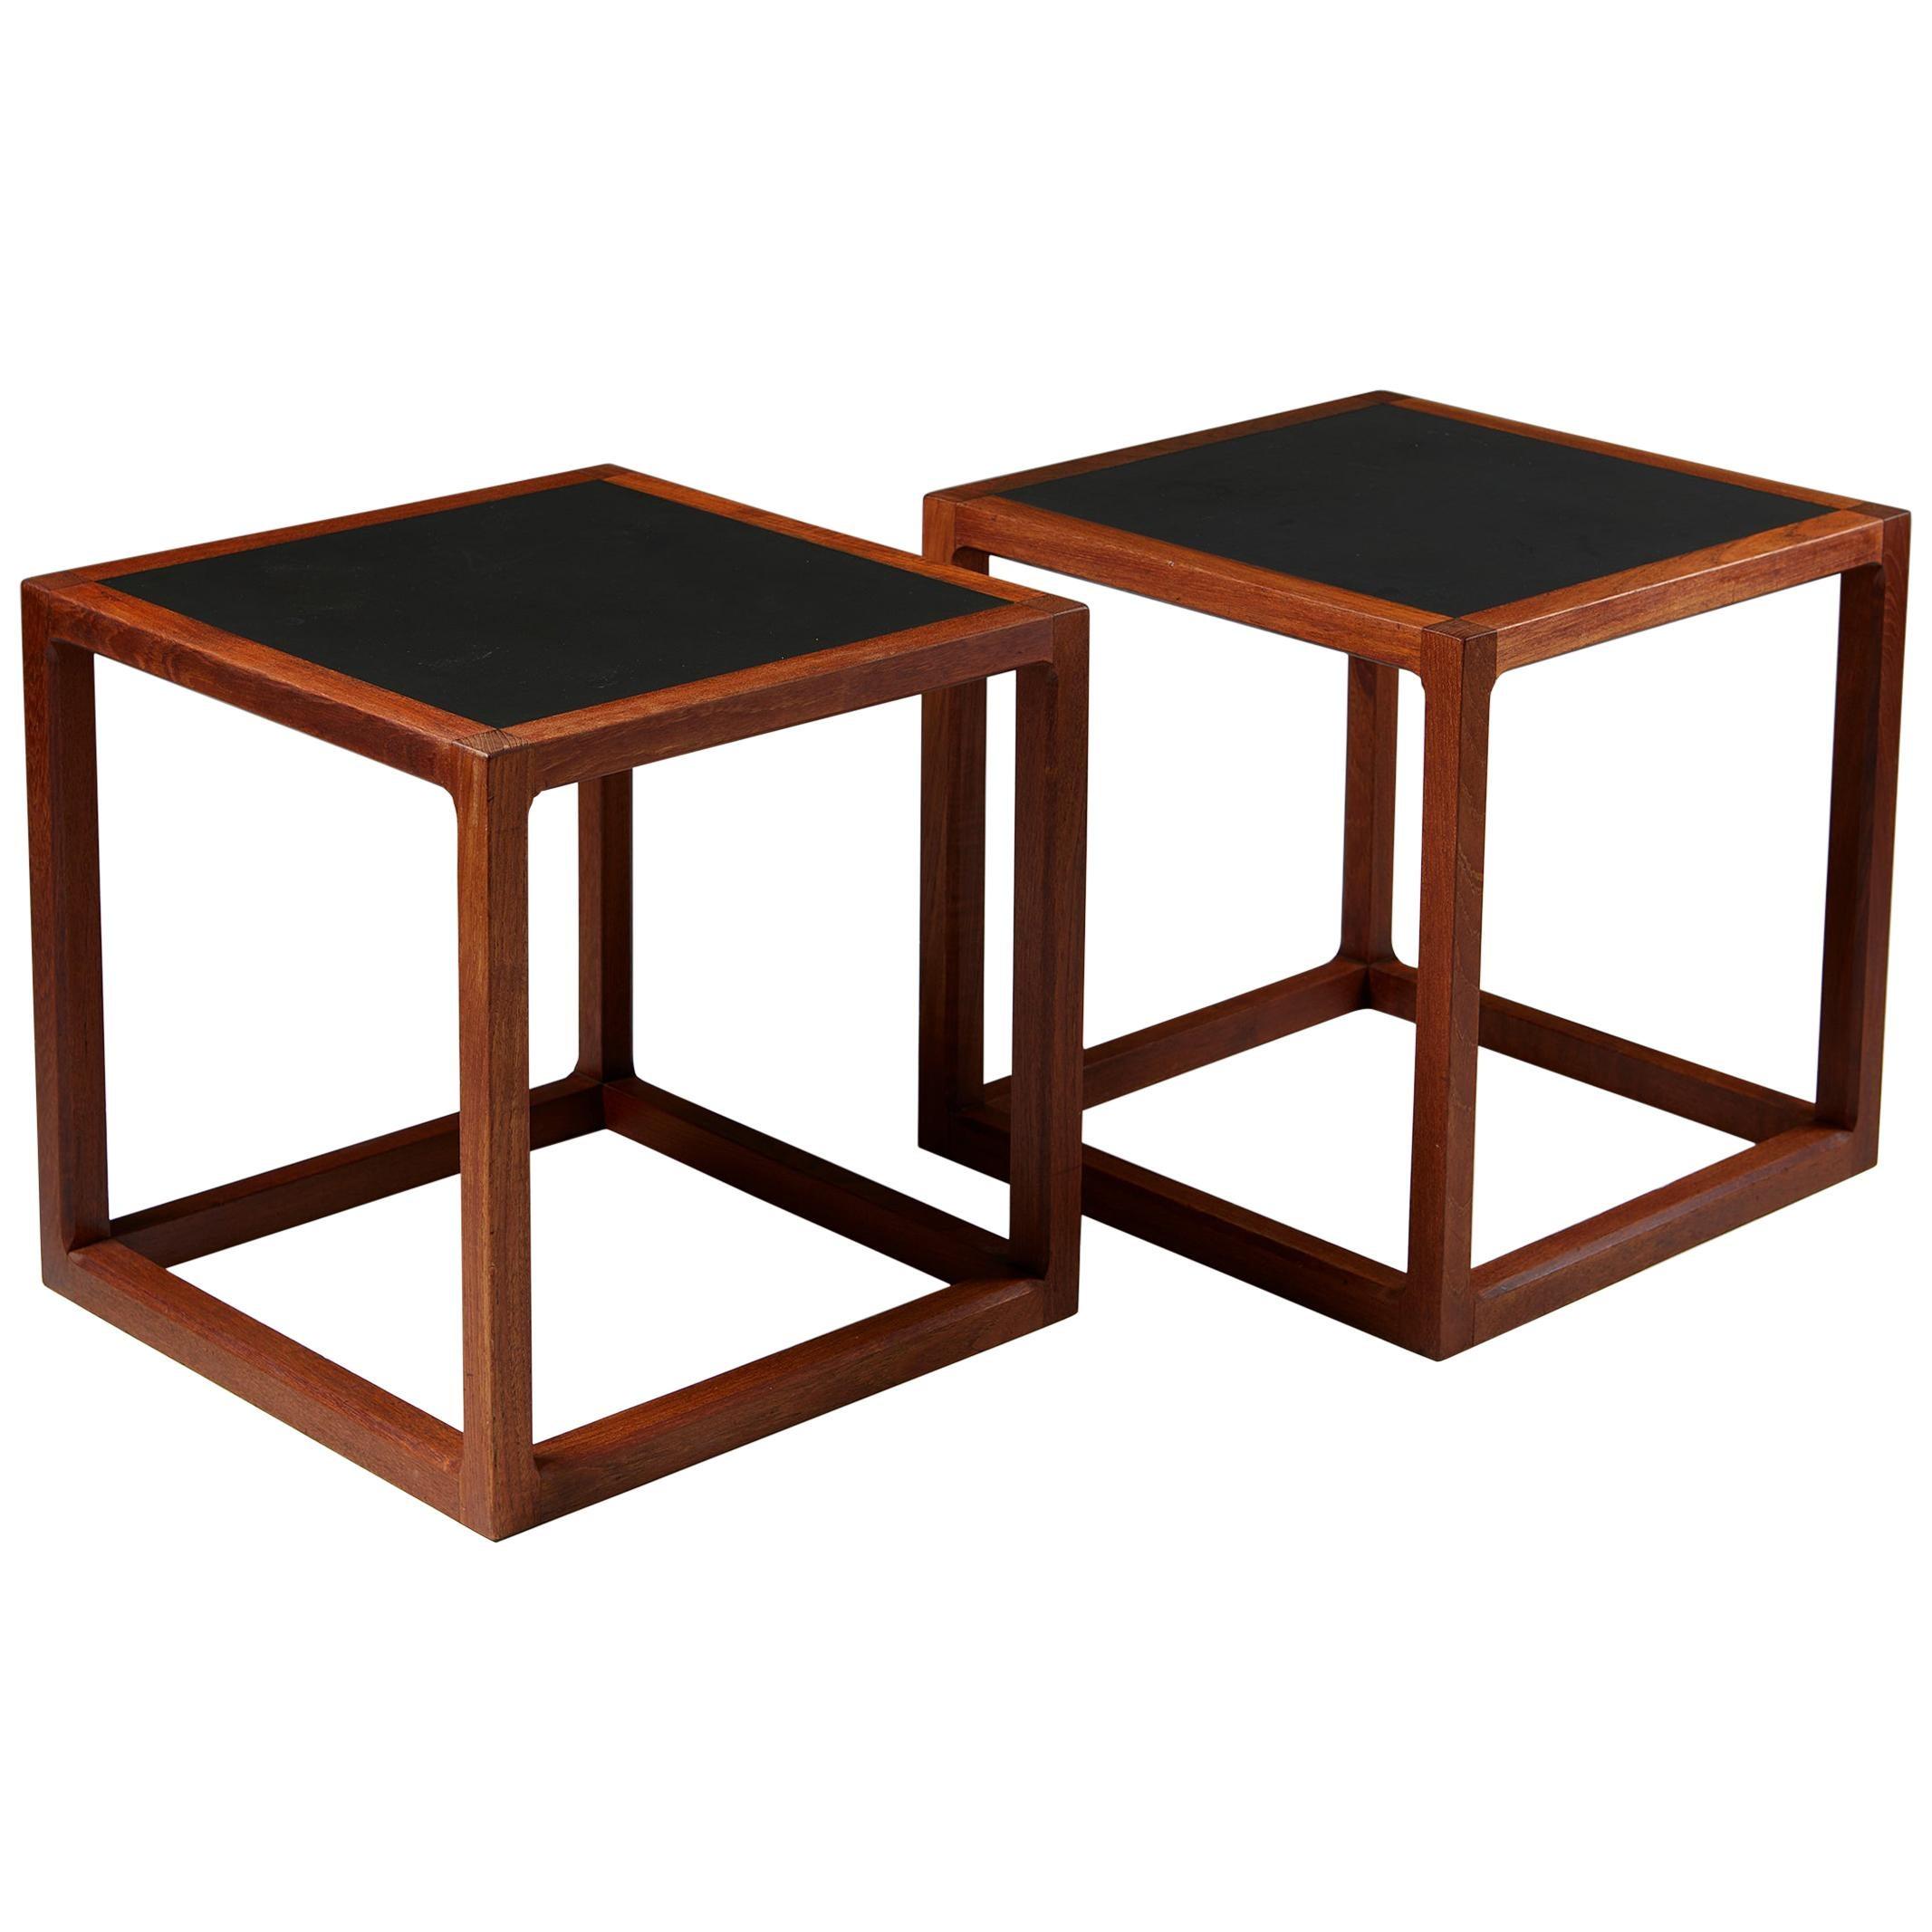 Pair of Side Tables Designed by Kai Kristiansen for Aksel Kjersgaard